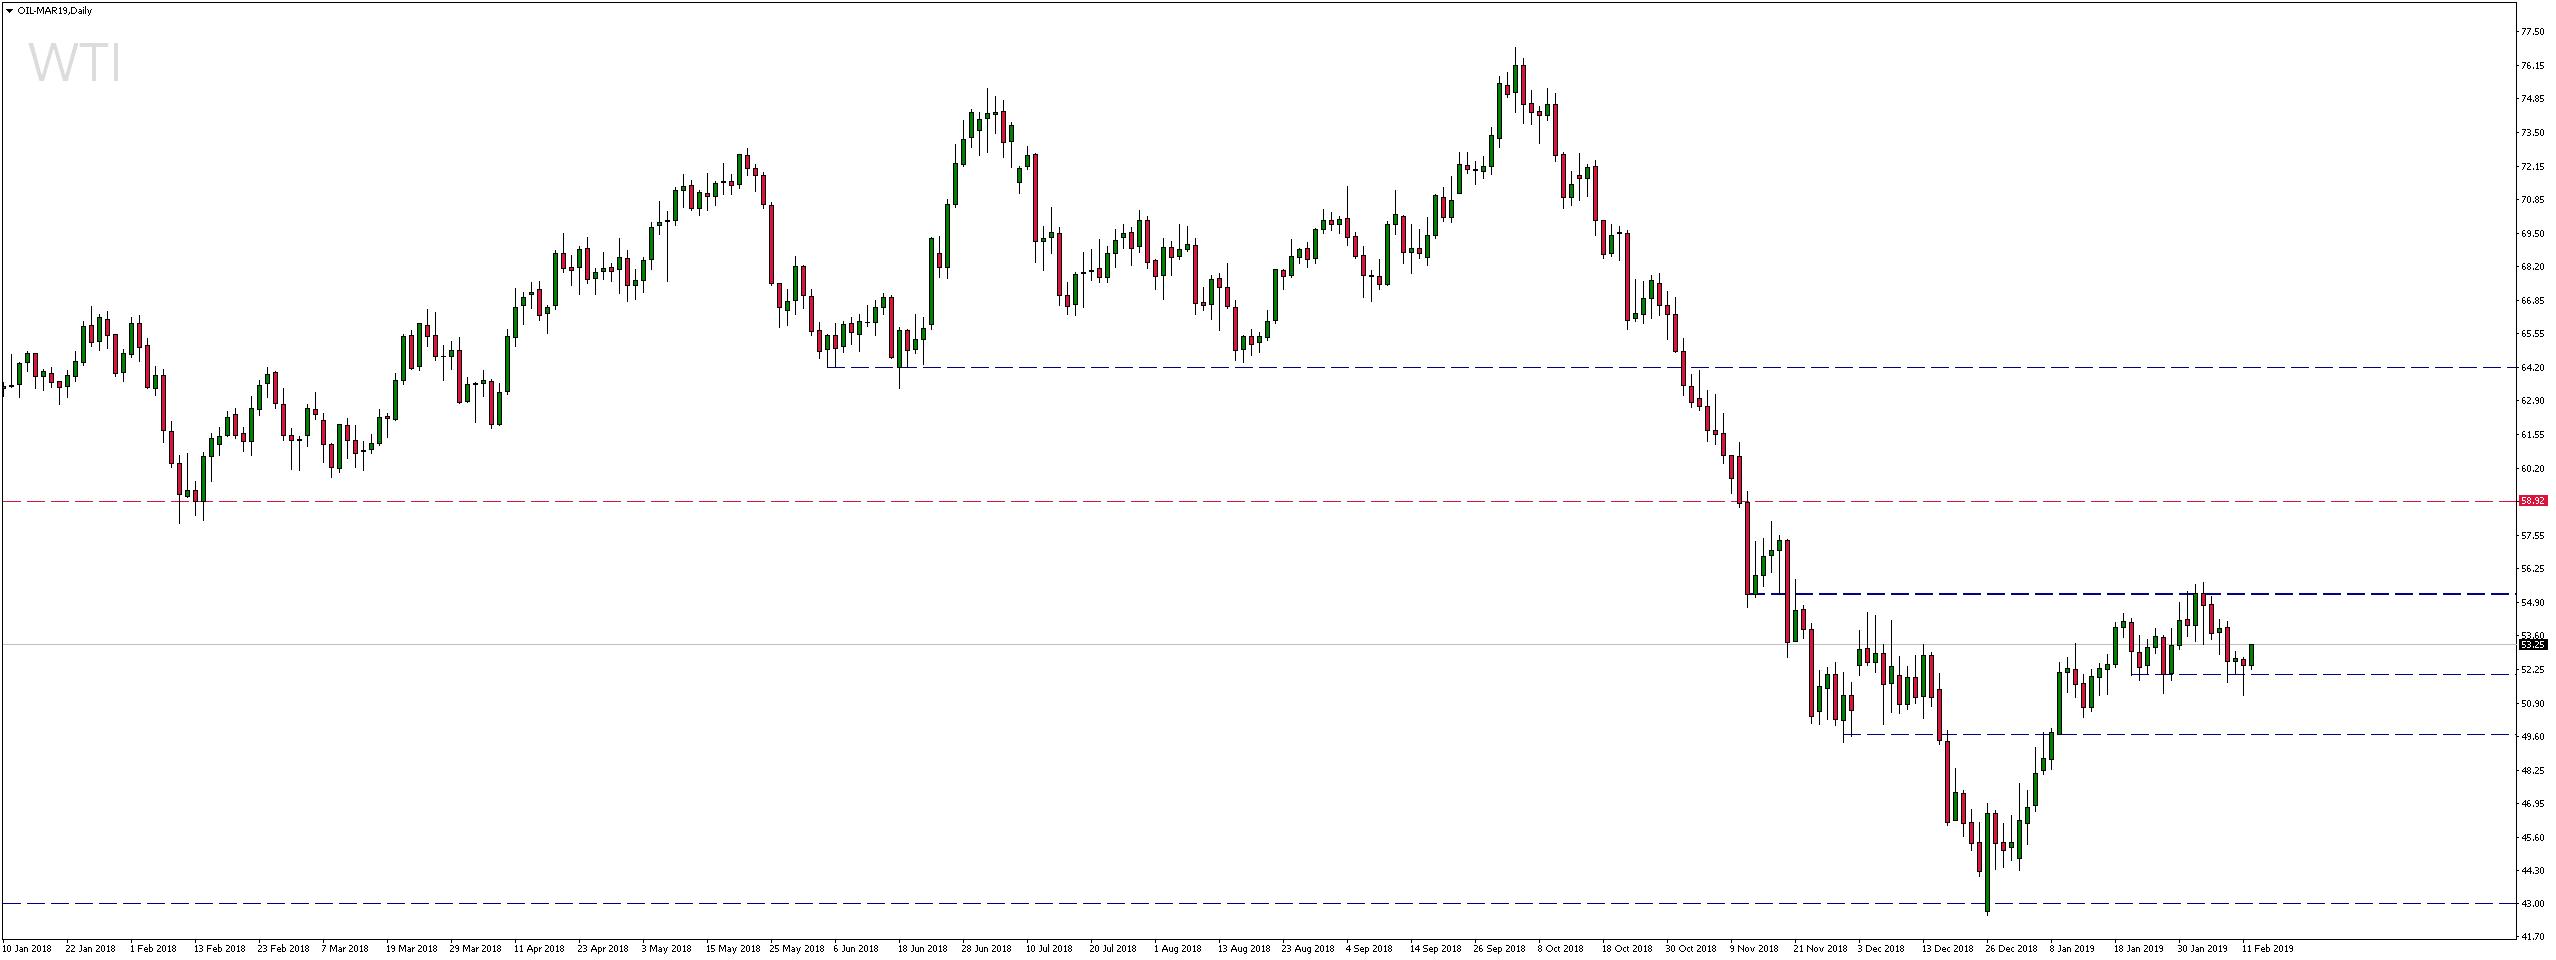 Cena ropy naftowej WTI